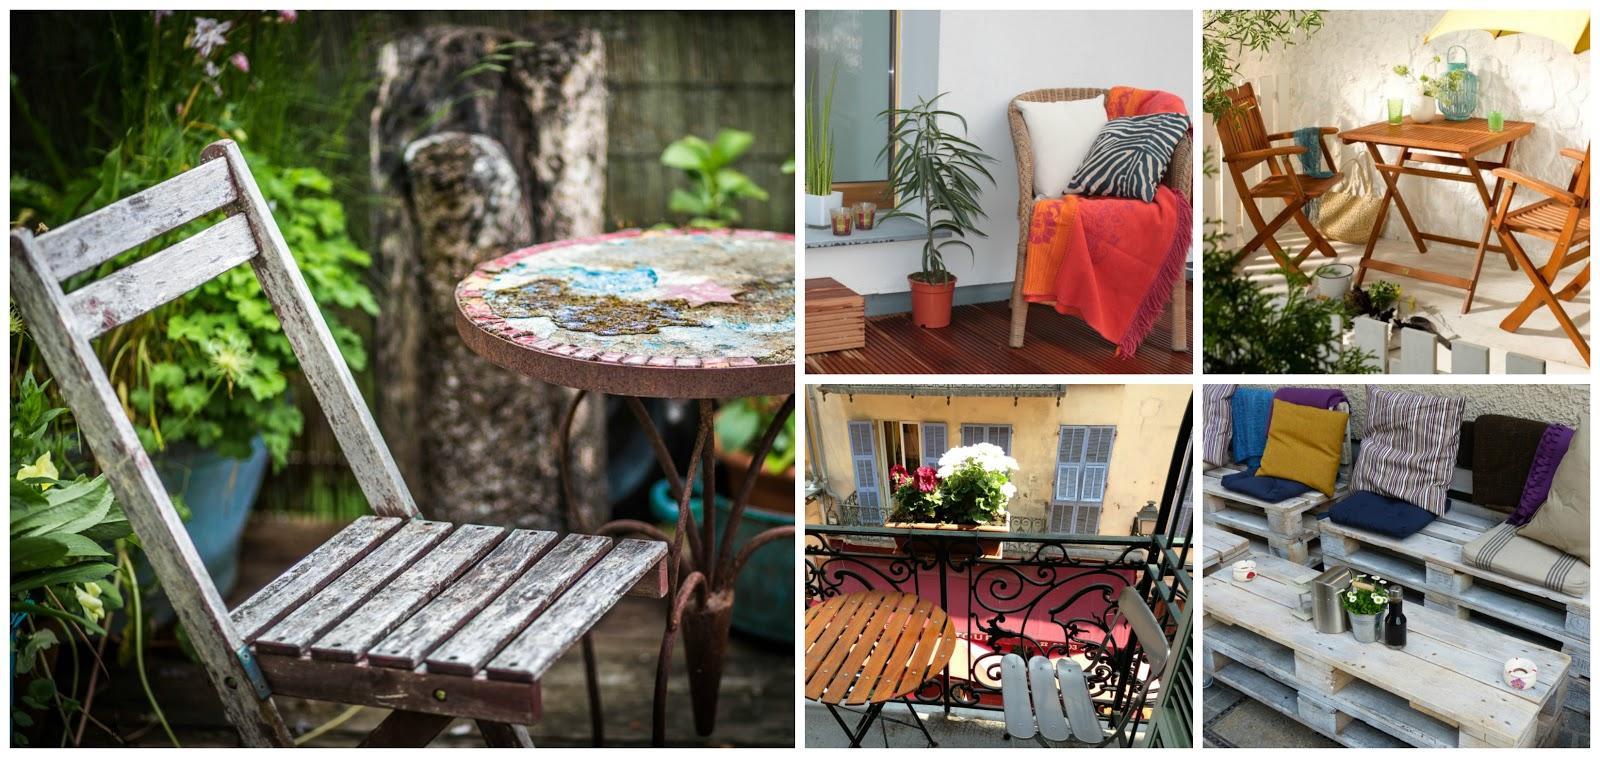 11 Tipps, wie du deinen schmalen Balkon in eine Oase verwandelst - Home & Garden - enthält Werbung für eBay - #ebay #balkon #makeover